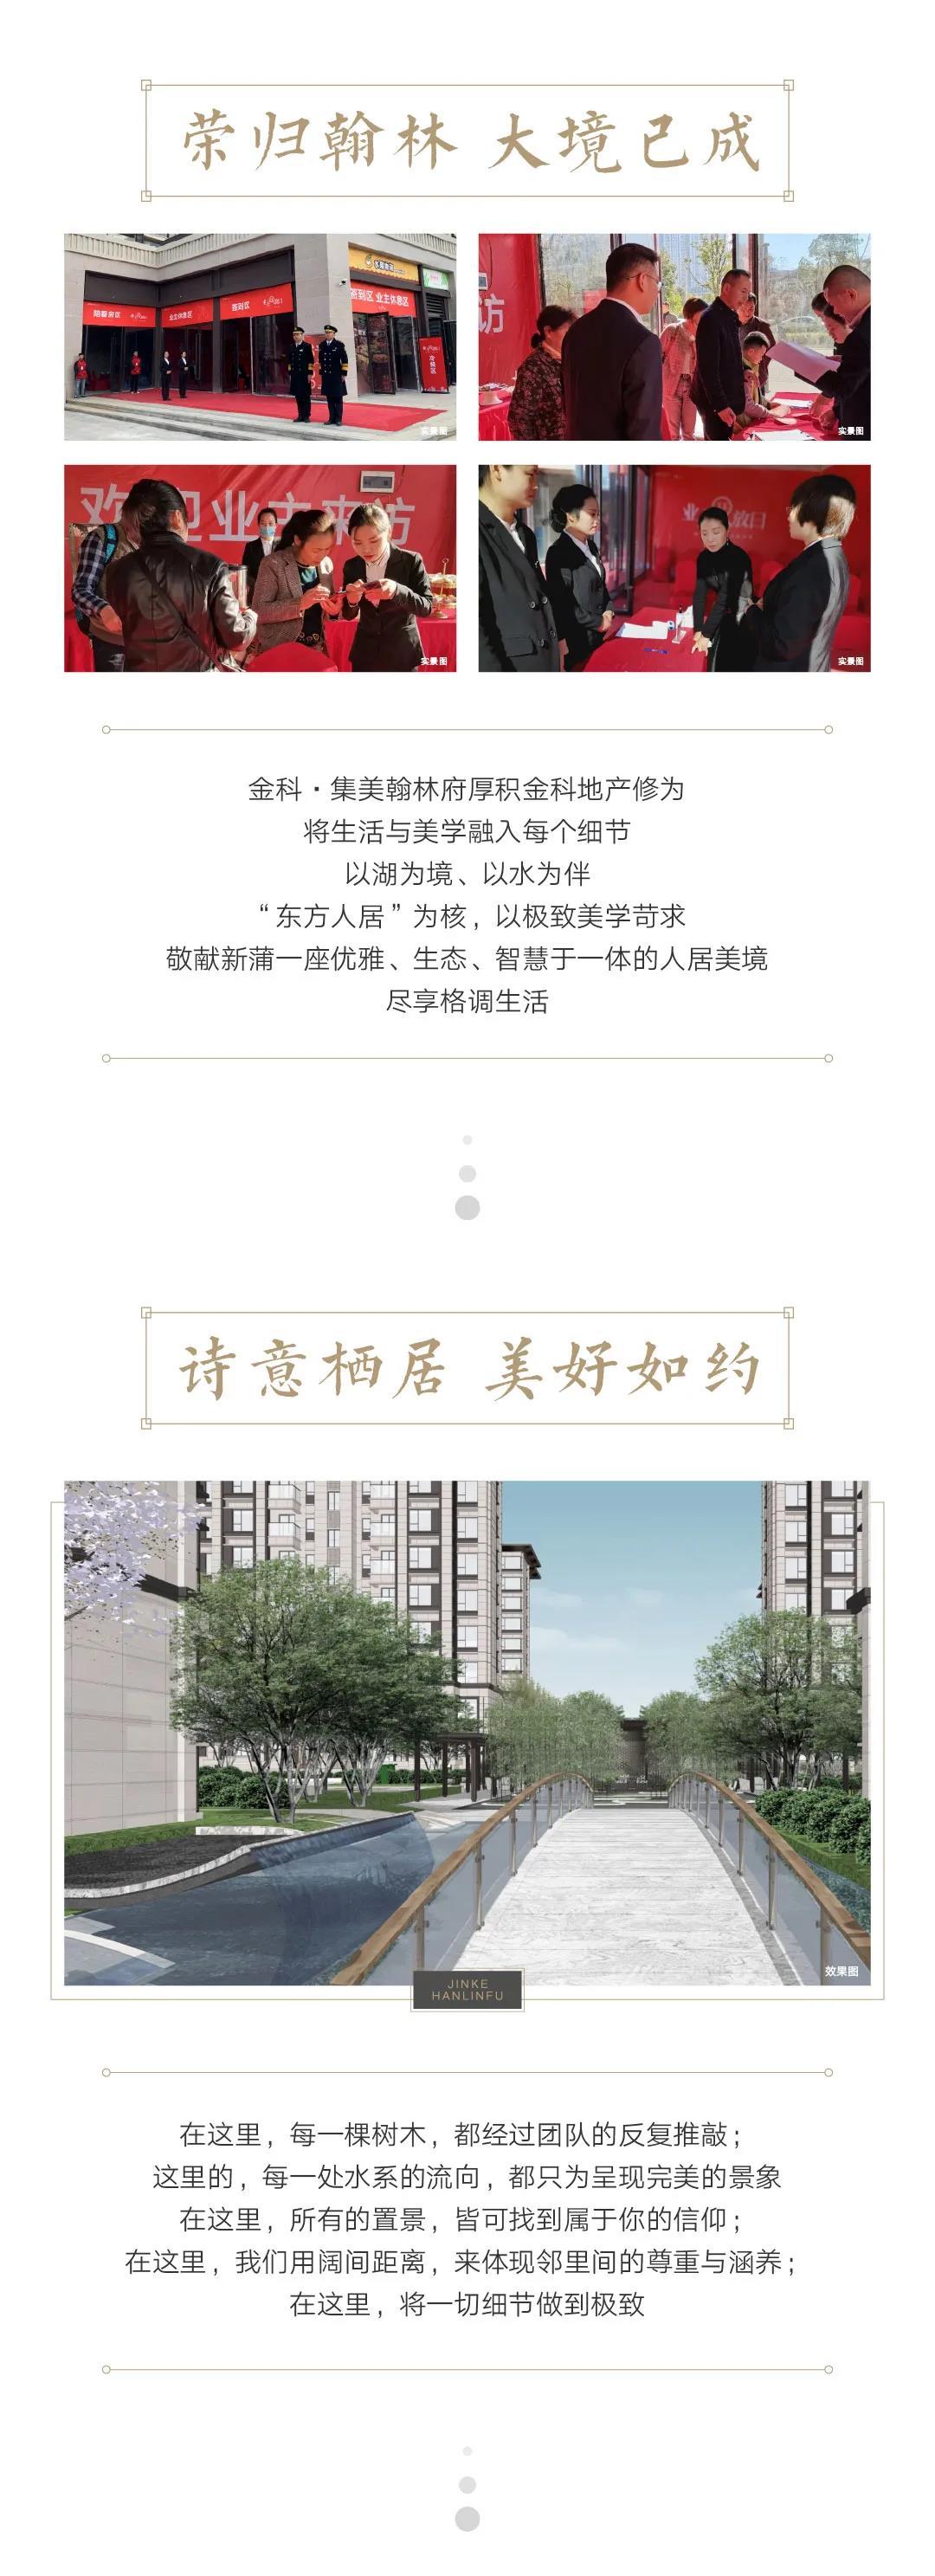 遵义金科集美翰林府丨荣归翰林 大境已成-中国网地产